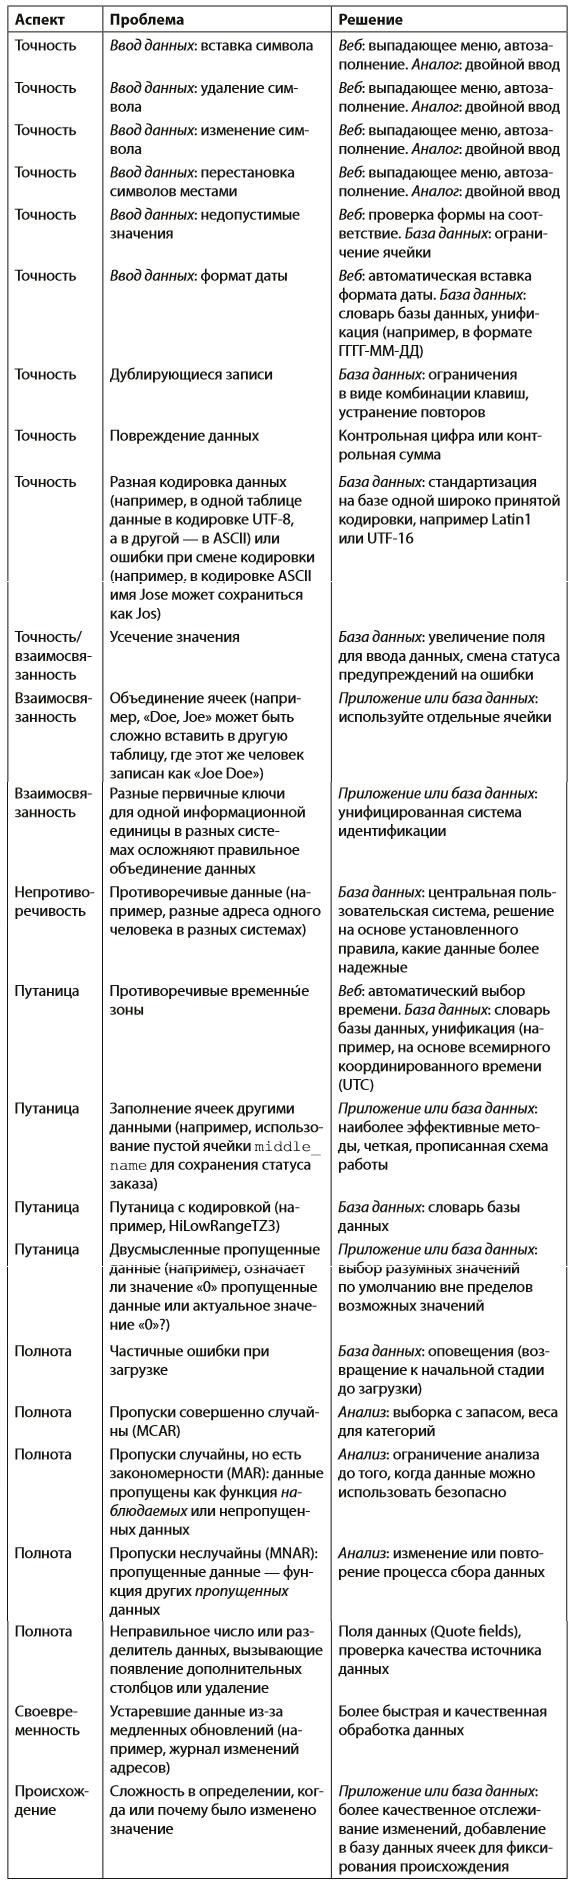 Краткий обзор некоторых типов проблем с качеством данных и потенциальные варианты их решения